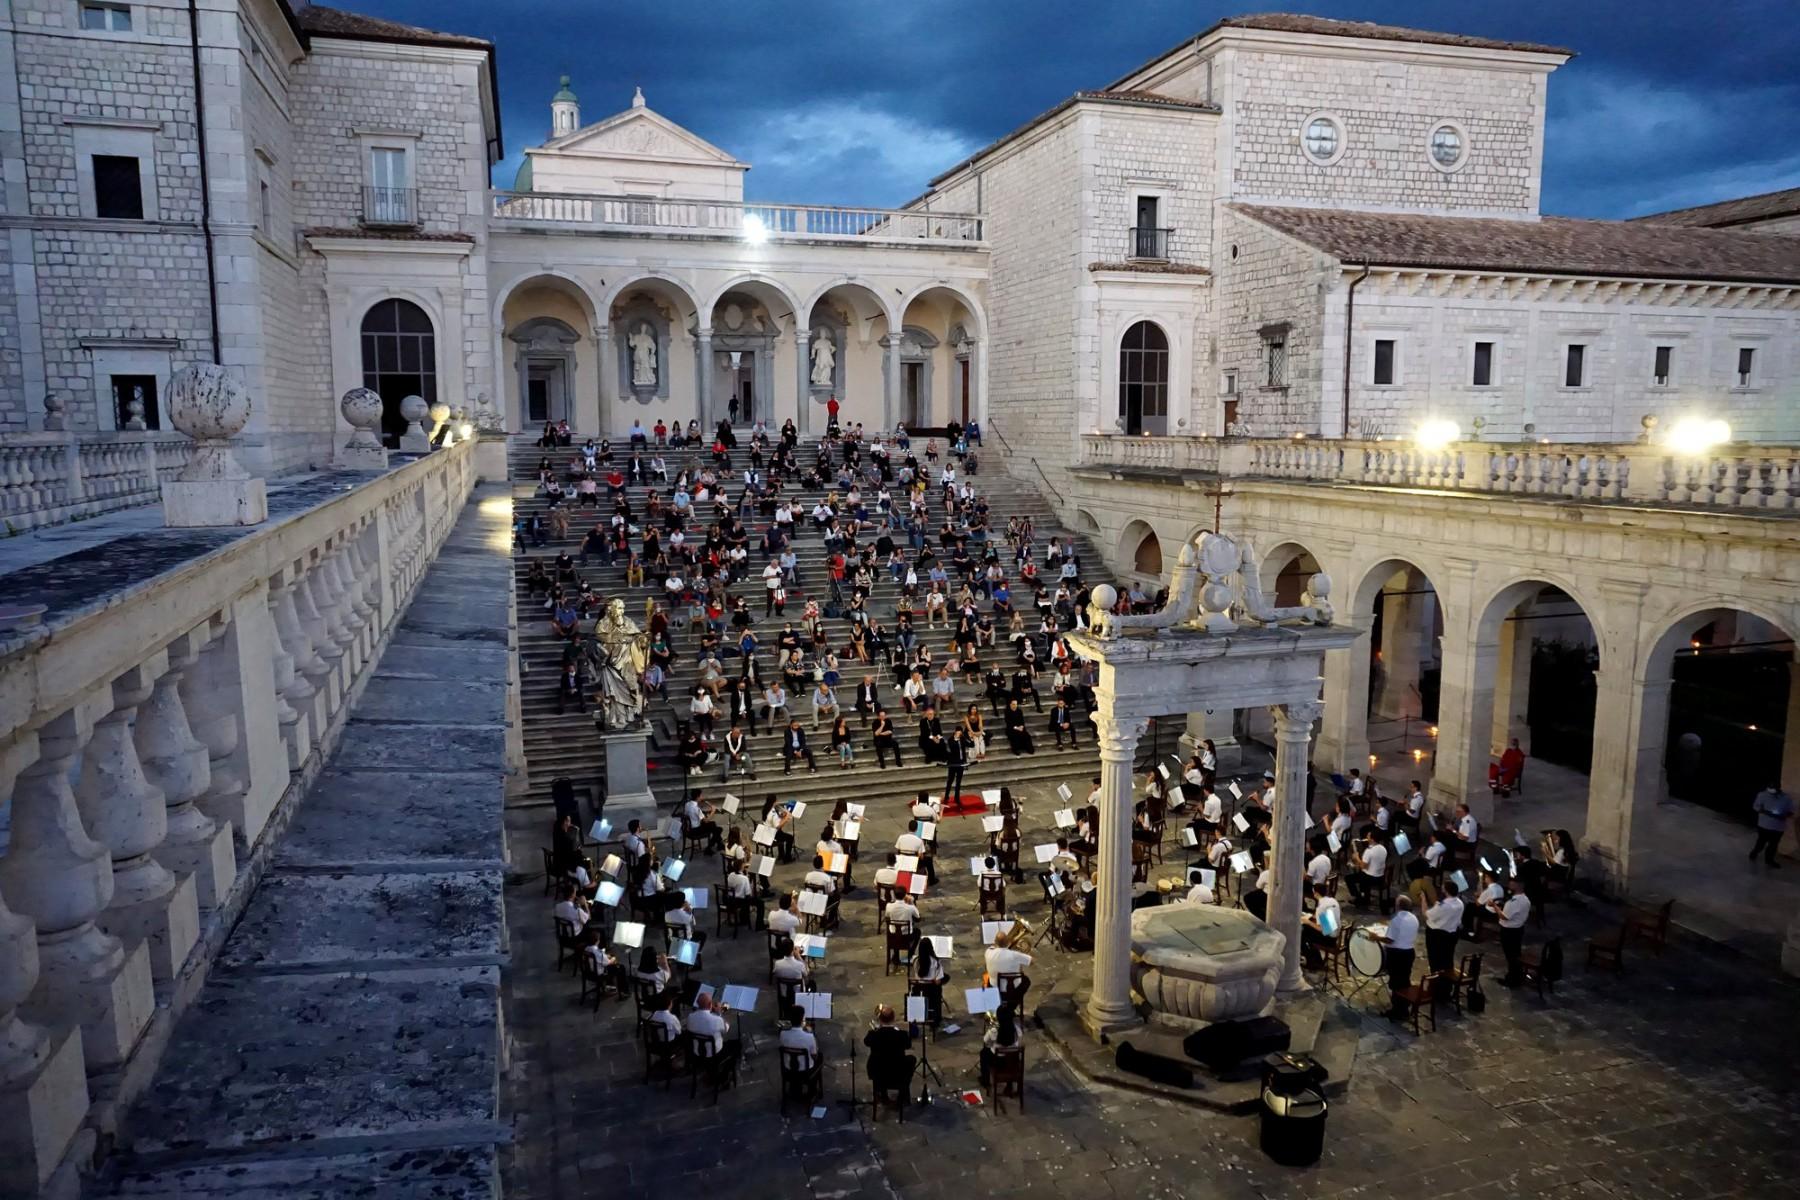 Abbazia di Montecassino – Solennità di San Benedetto Patrono Primario d'Europa e di Cassino – Concerto della Banda Don Bosco Città di Cassino – Le foto